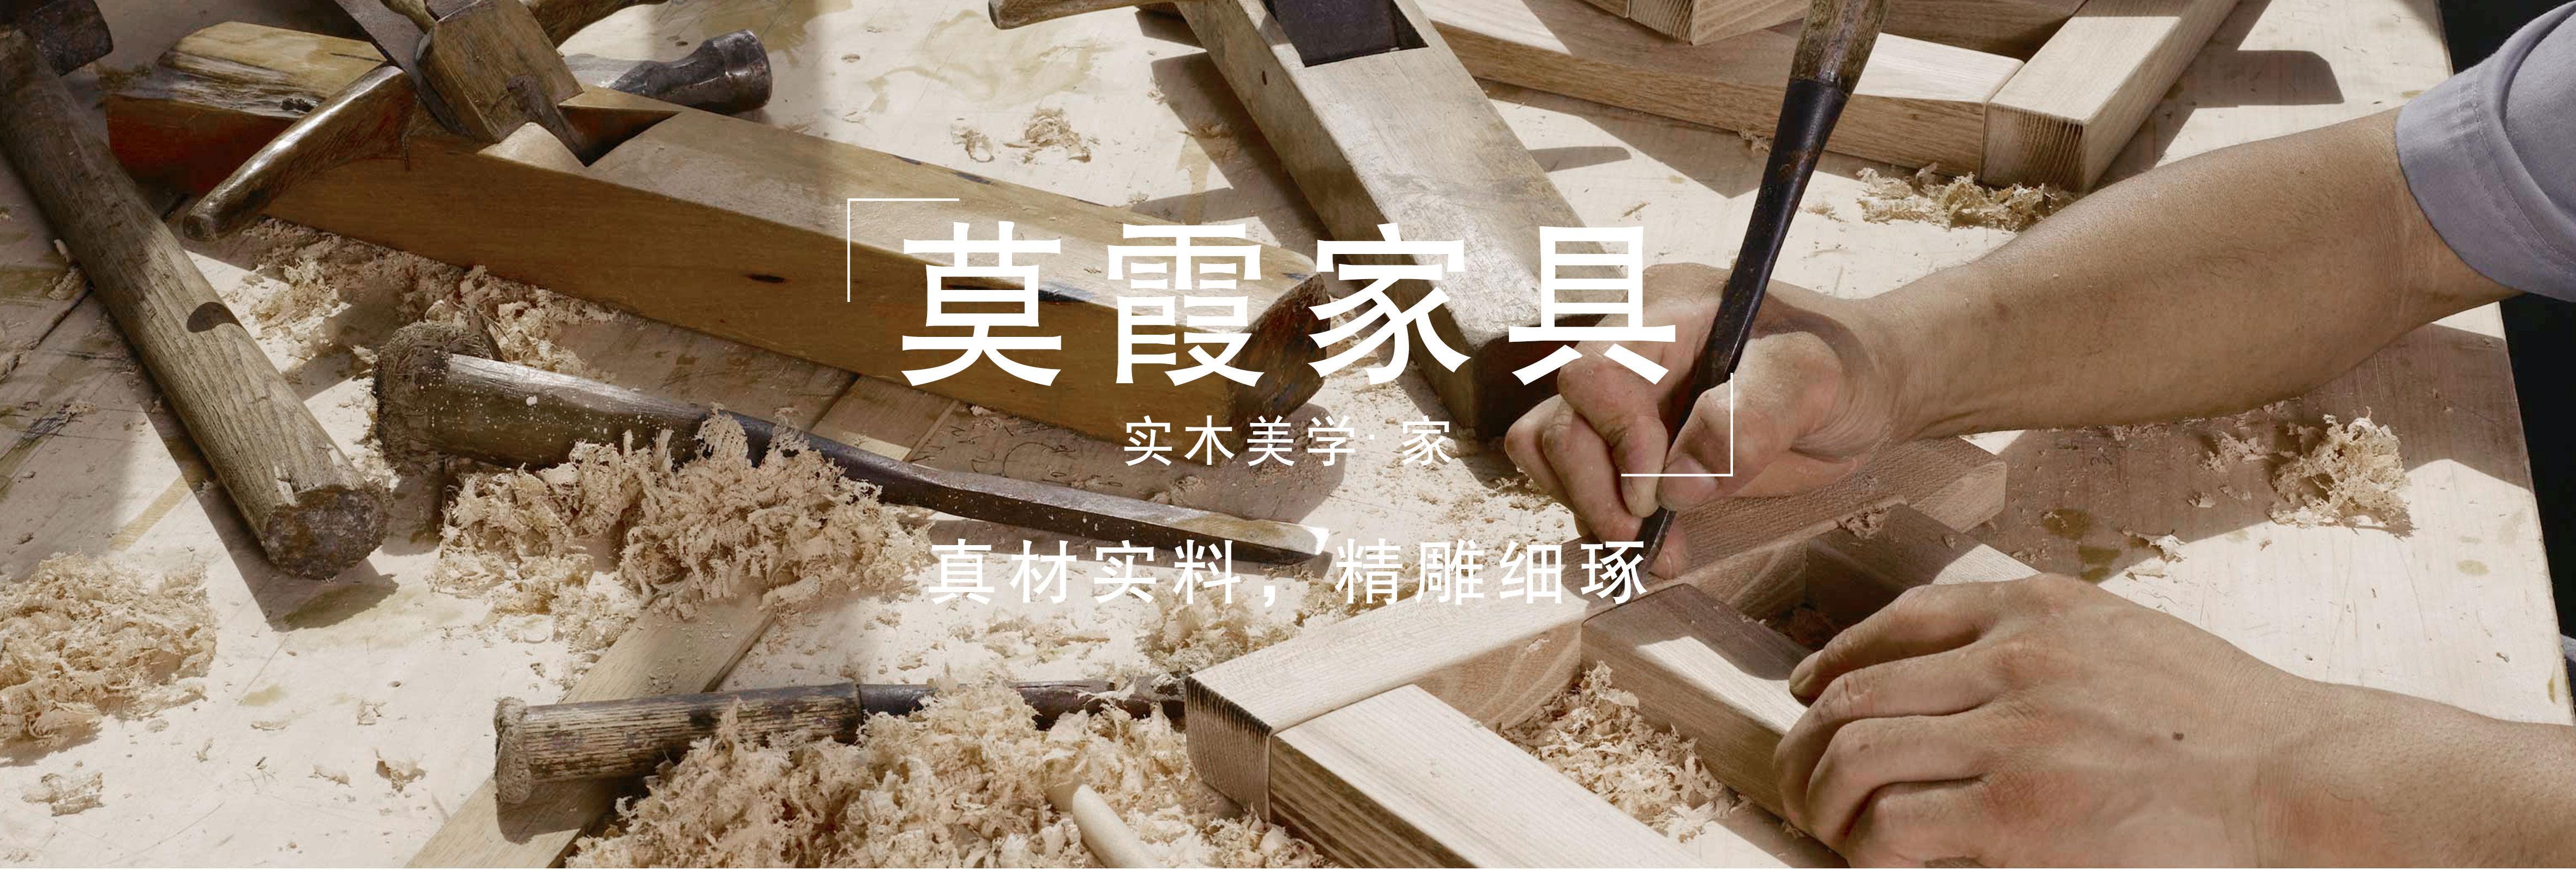 莫霞家具,实木美学家